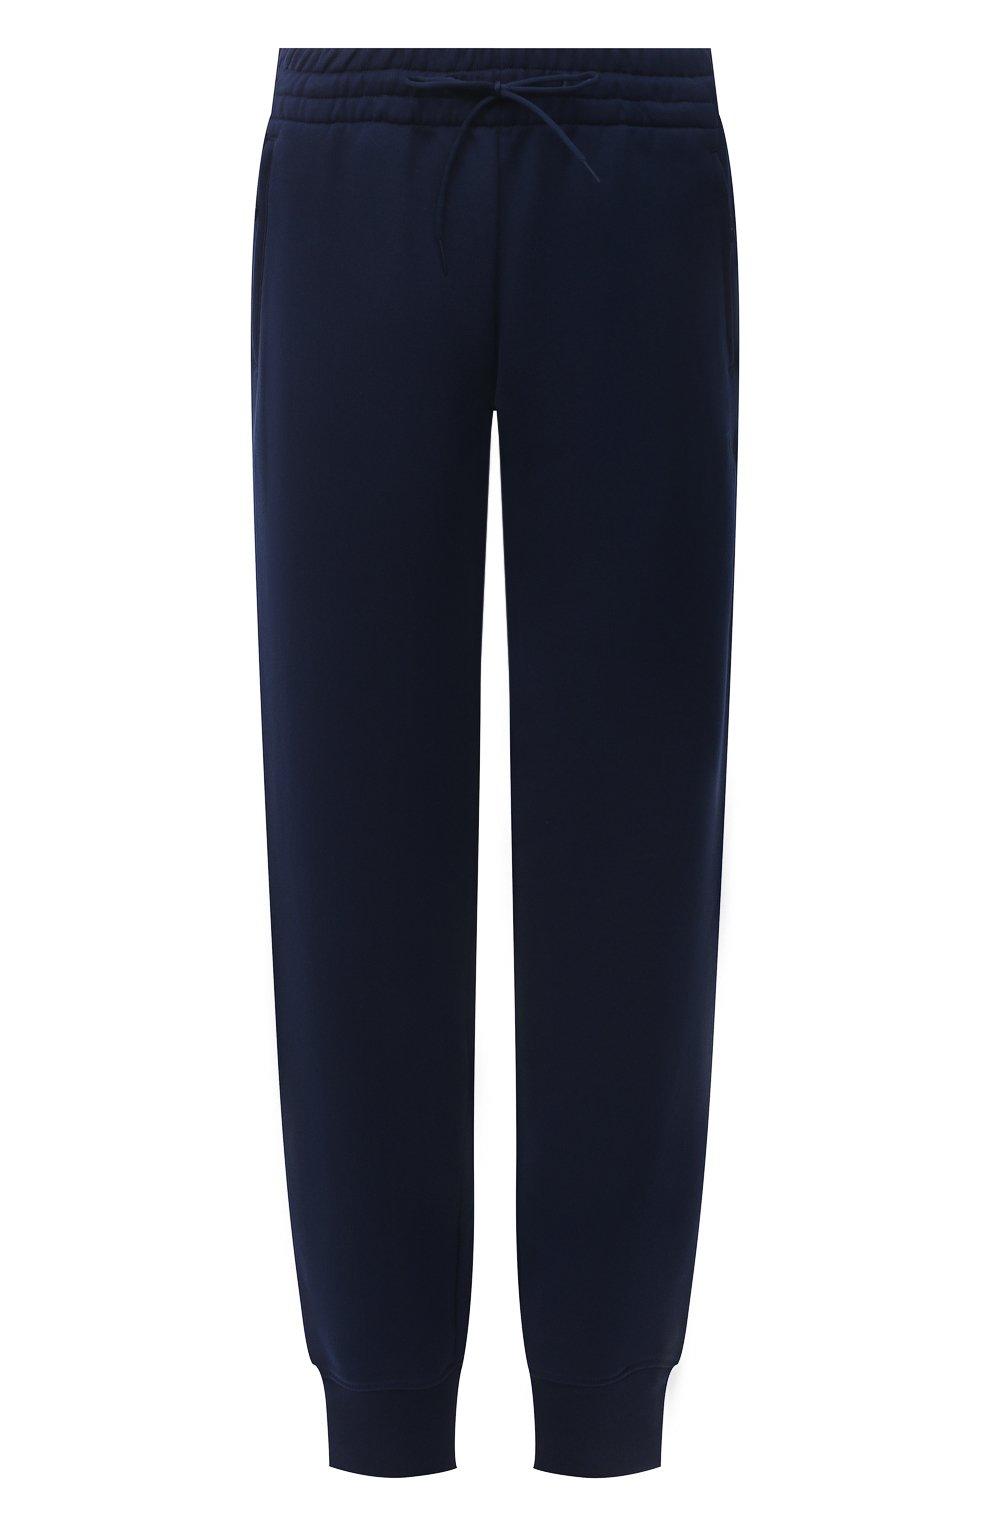 Женские хлопковые джоггеры Y-3 темно-синего цвета, арт. GV2787/W | Фото 1 (Женское Кросс-КТ: Брюки-спорт, Джоггеры - брюки; Длина (брюки, джинсы): Стандартные; Силуэт Ж (брюки и джинсы): Джоггеры; Кросс-КТ: Трикотаж; Материал внешний: Хлопок; Стили: Спорт-шик)